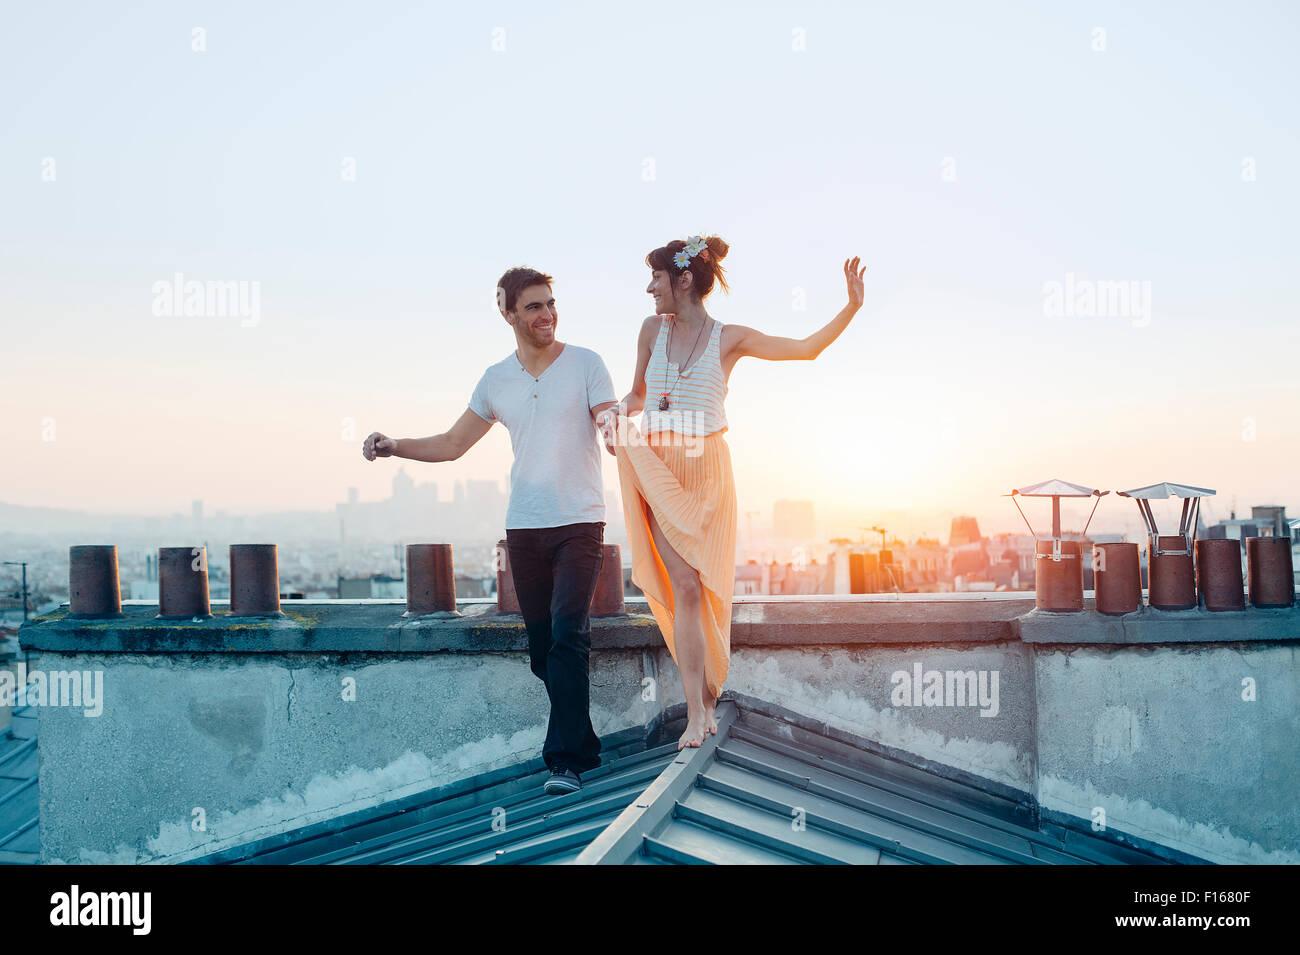 Paris, Casal caminhando sobre os telhados de Paris Imagens de Stock